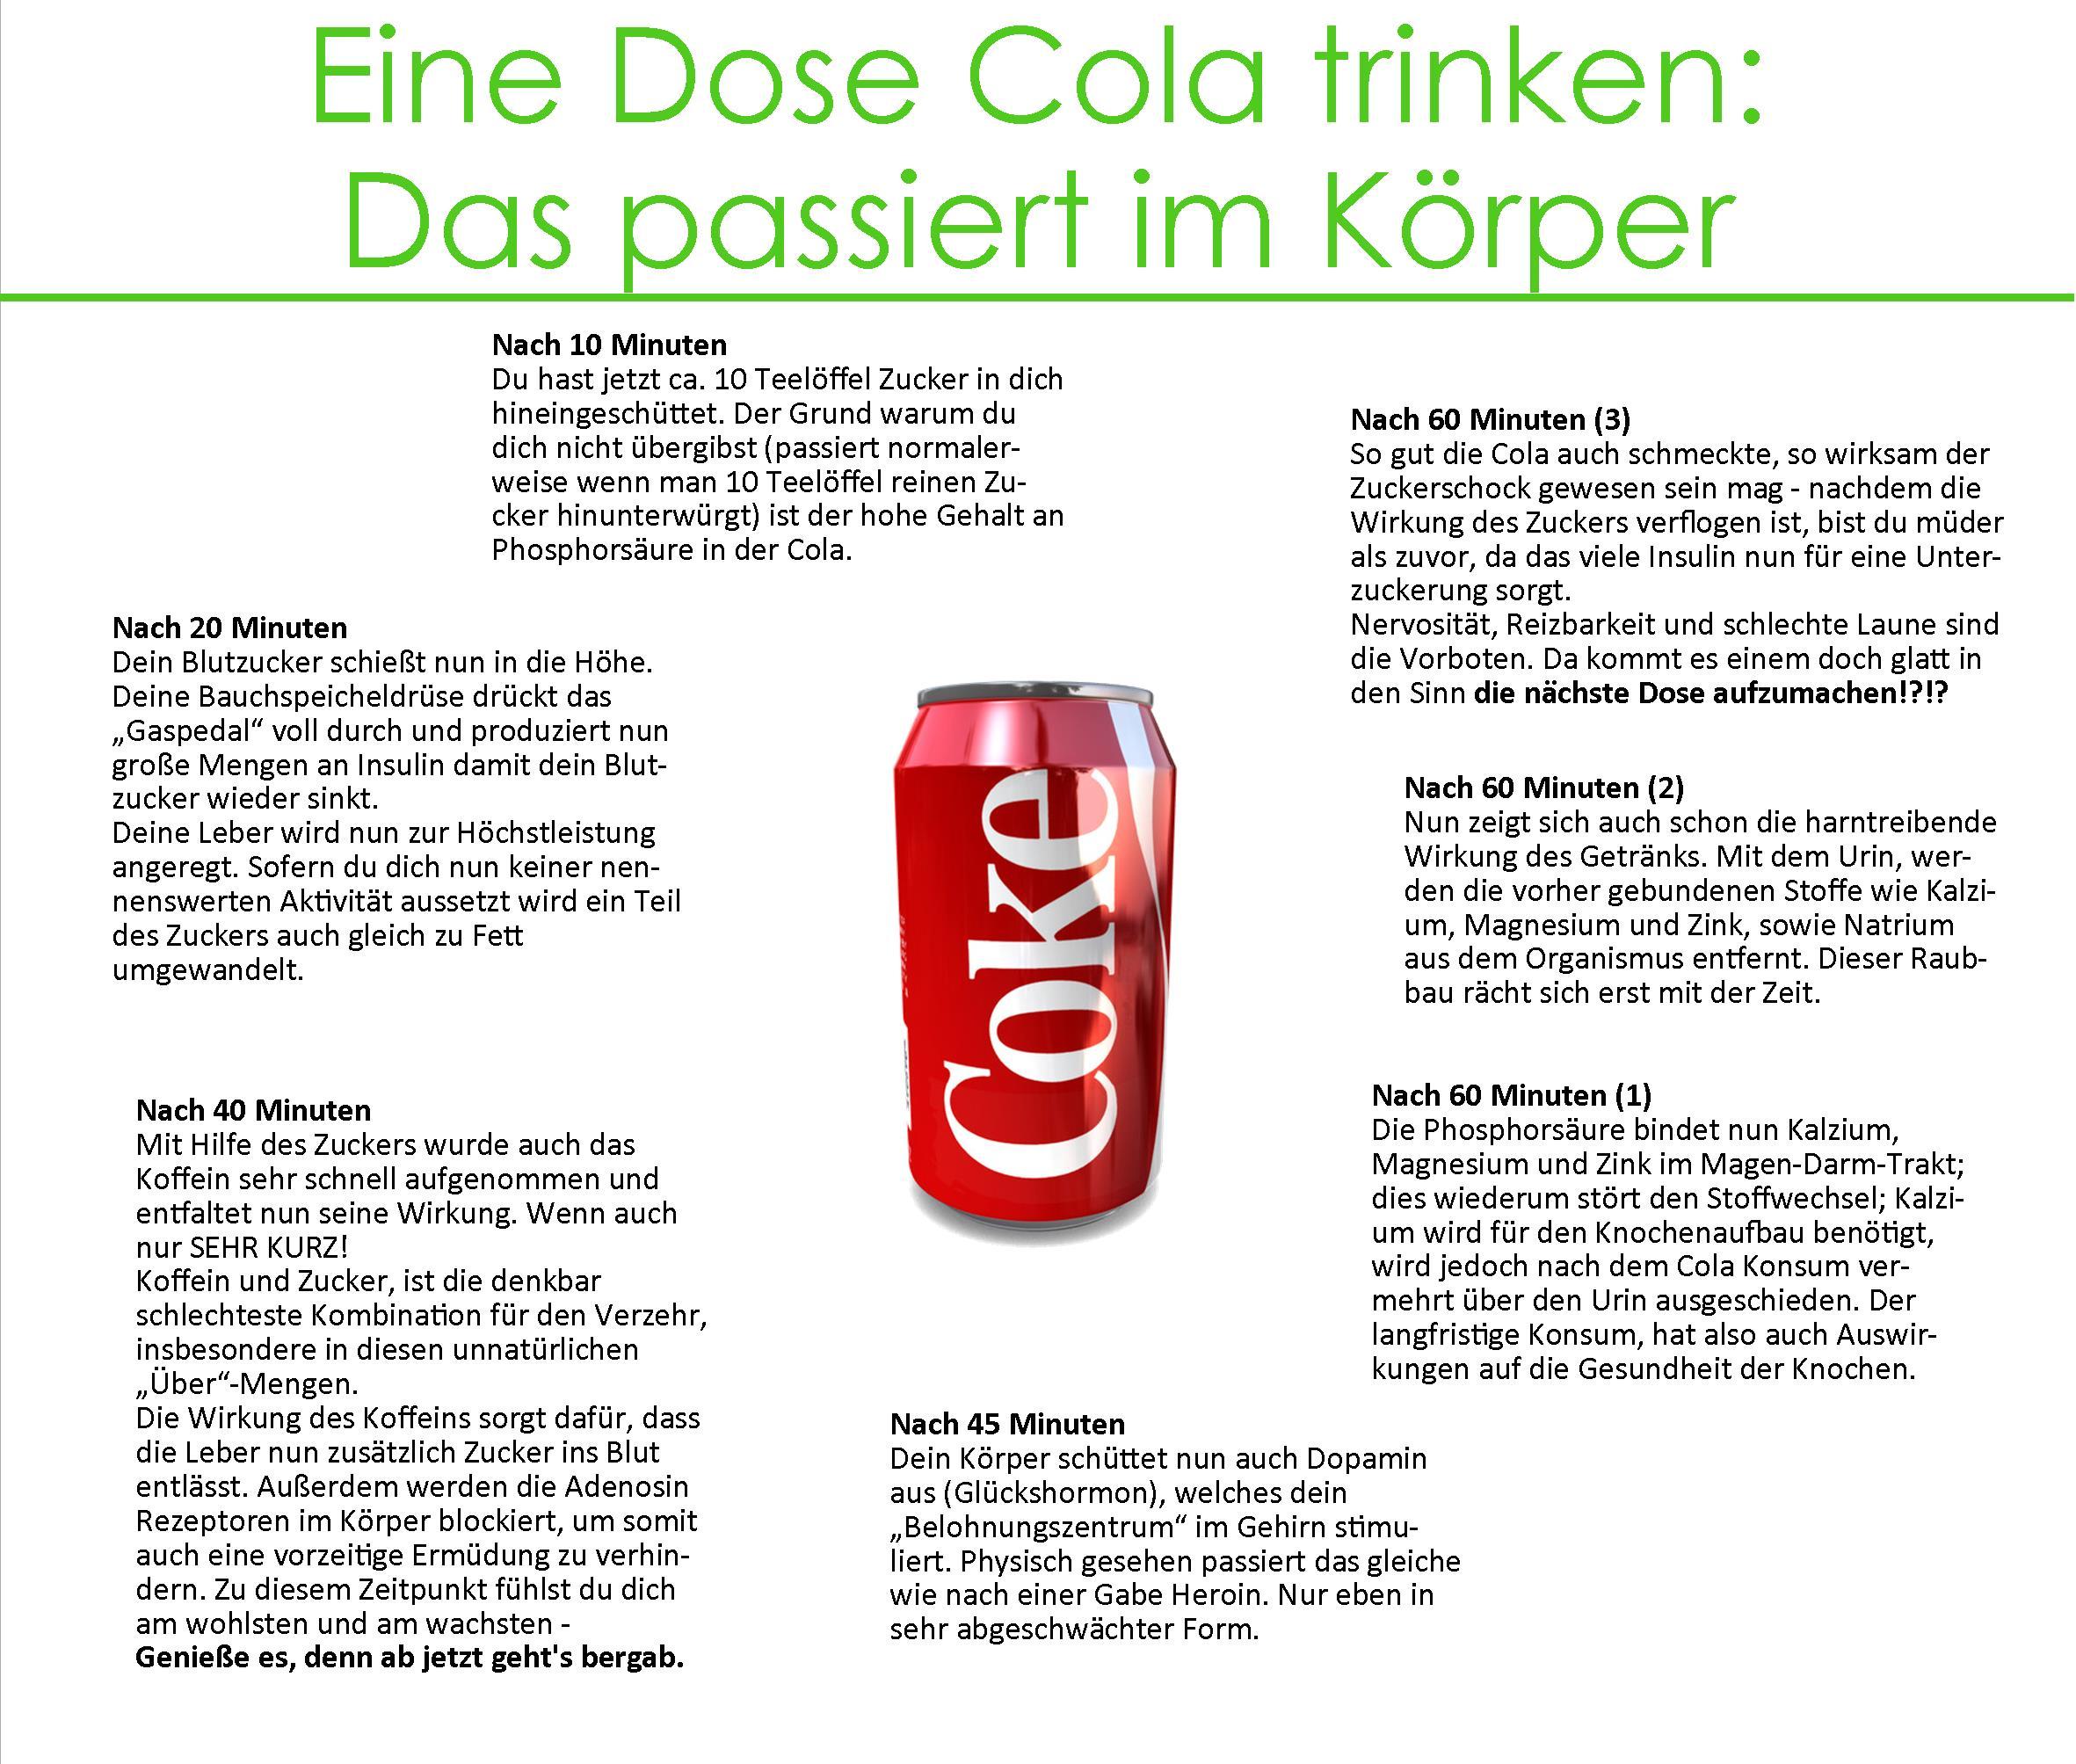 Eine Dose Cola - das passiert im Körper | SESOMED